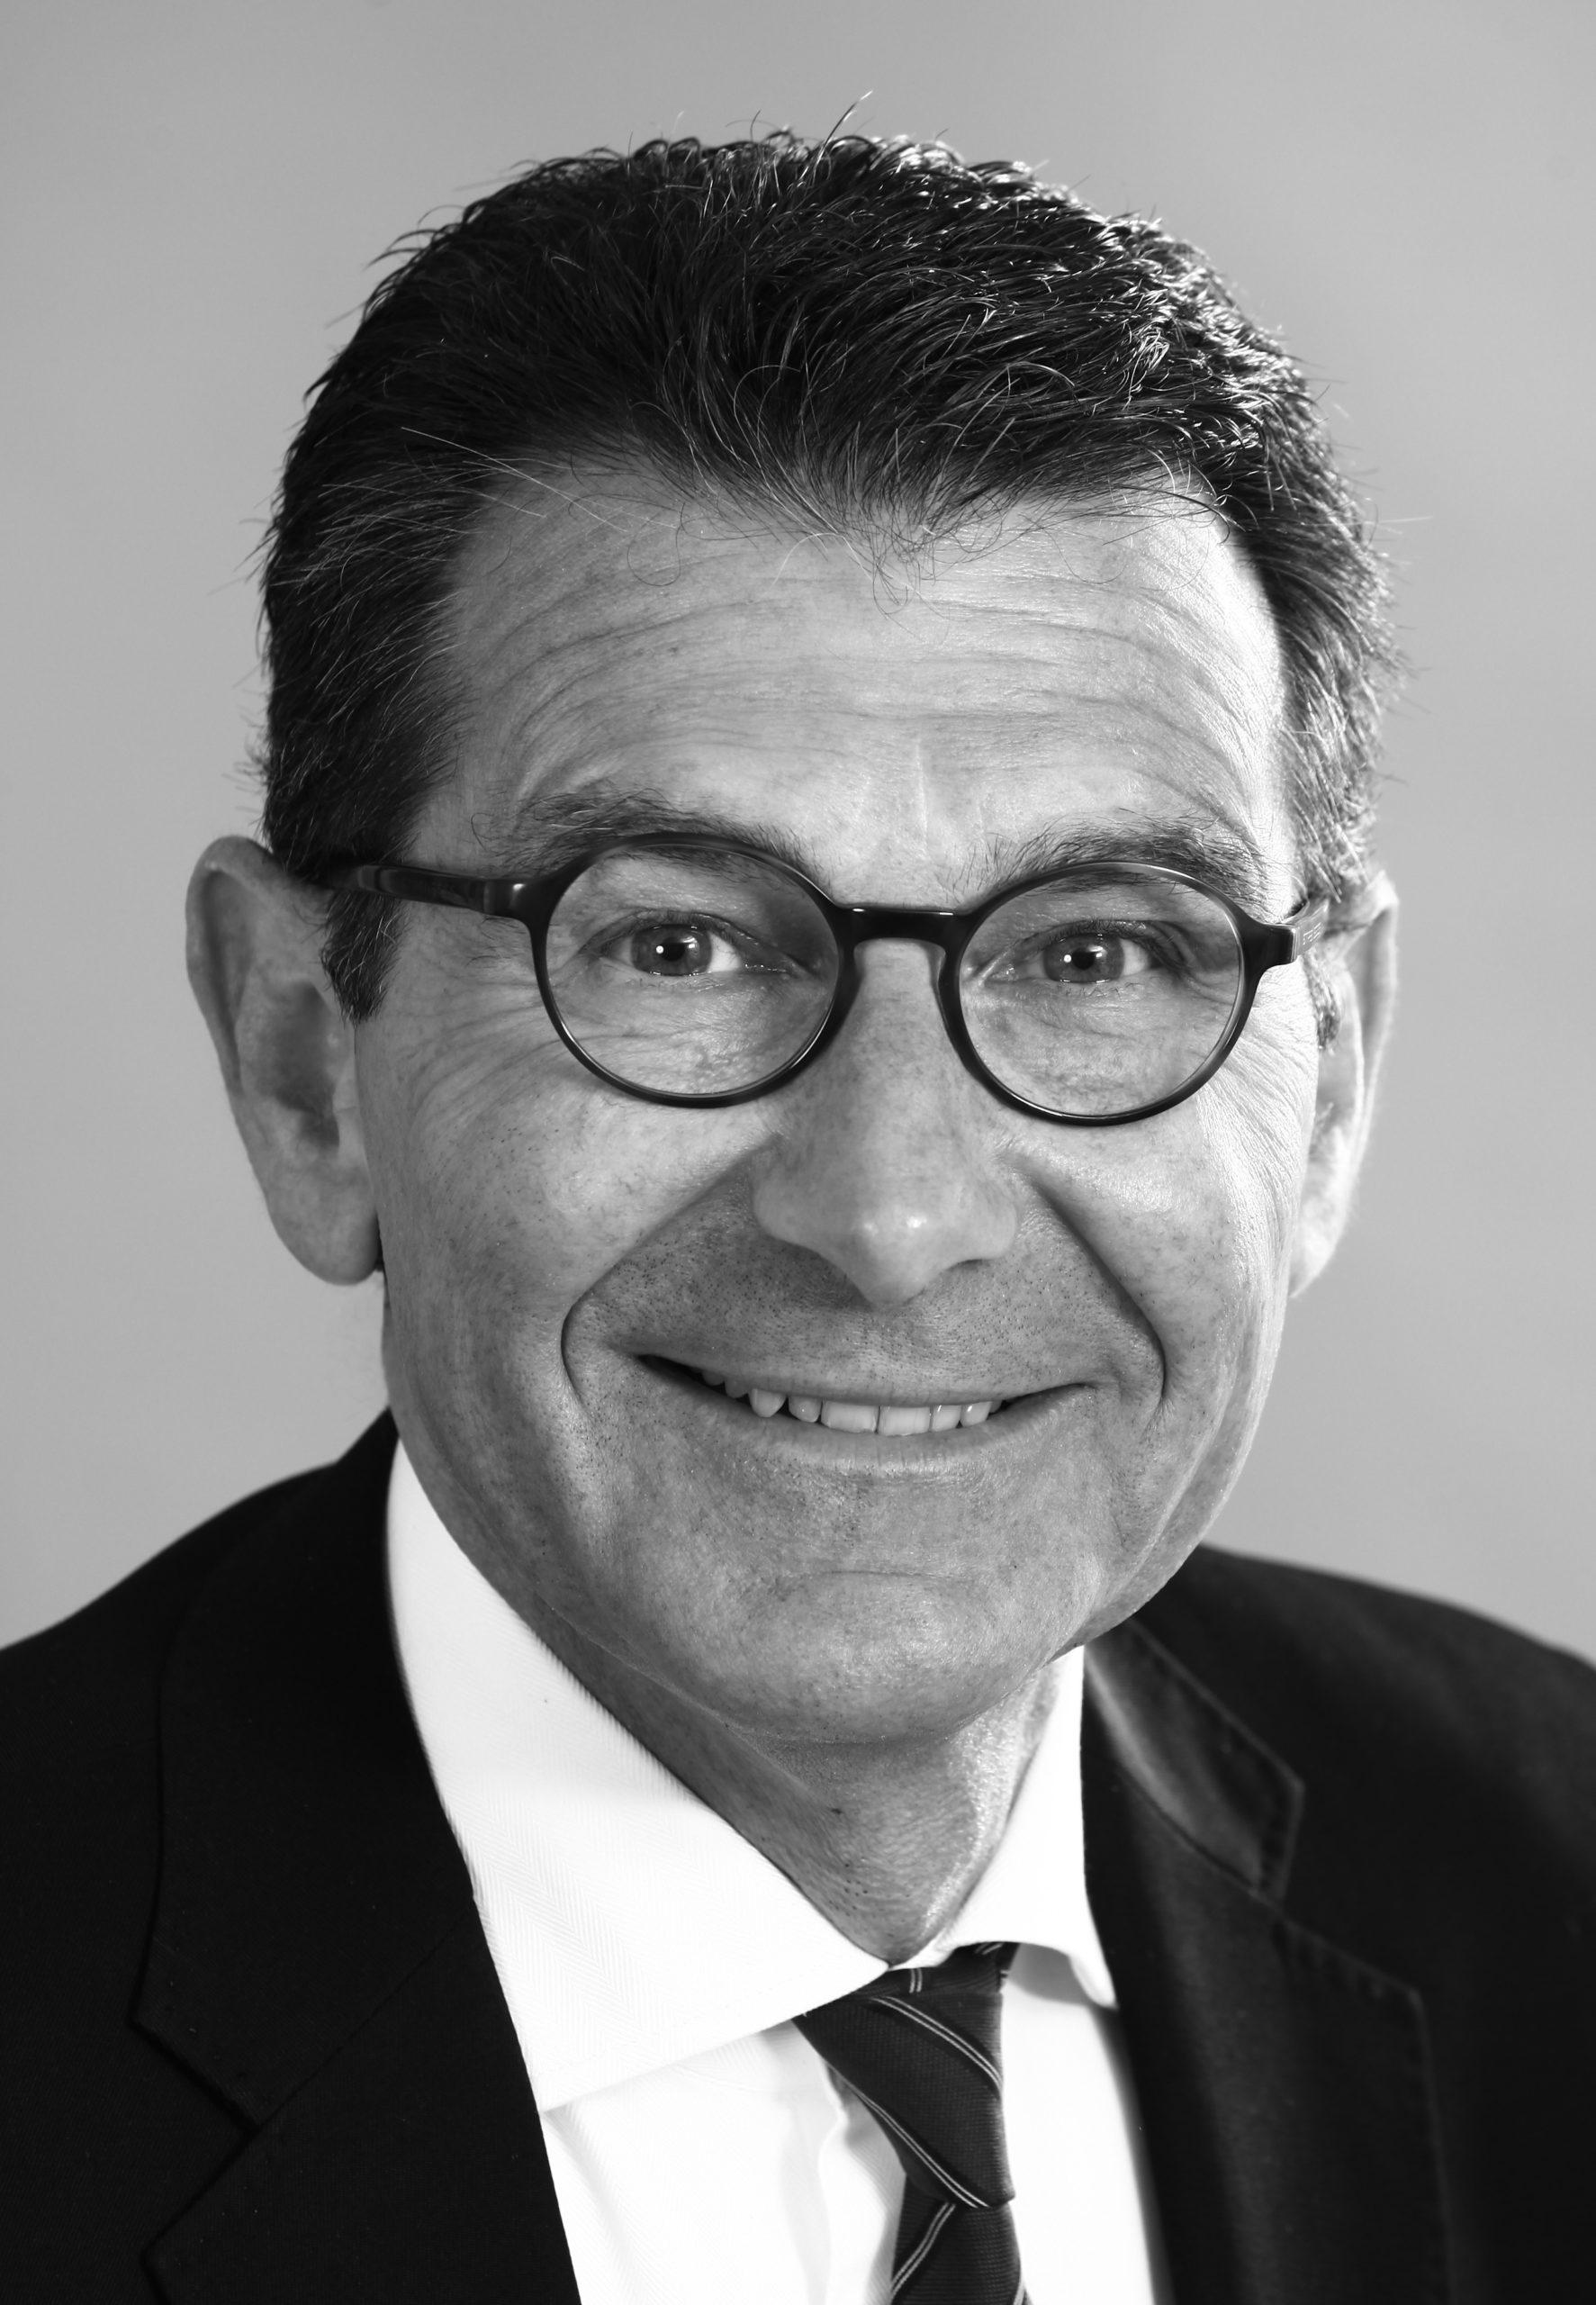 Président du Comité Montaigne et membre du Comité des Sages d'Imprim'luxe.